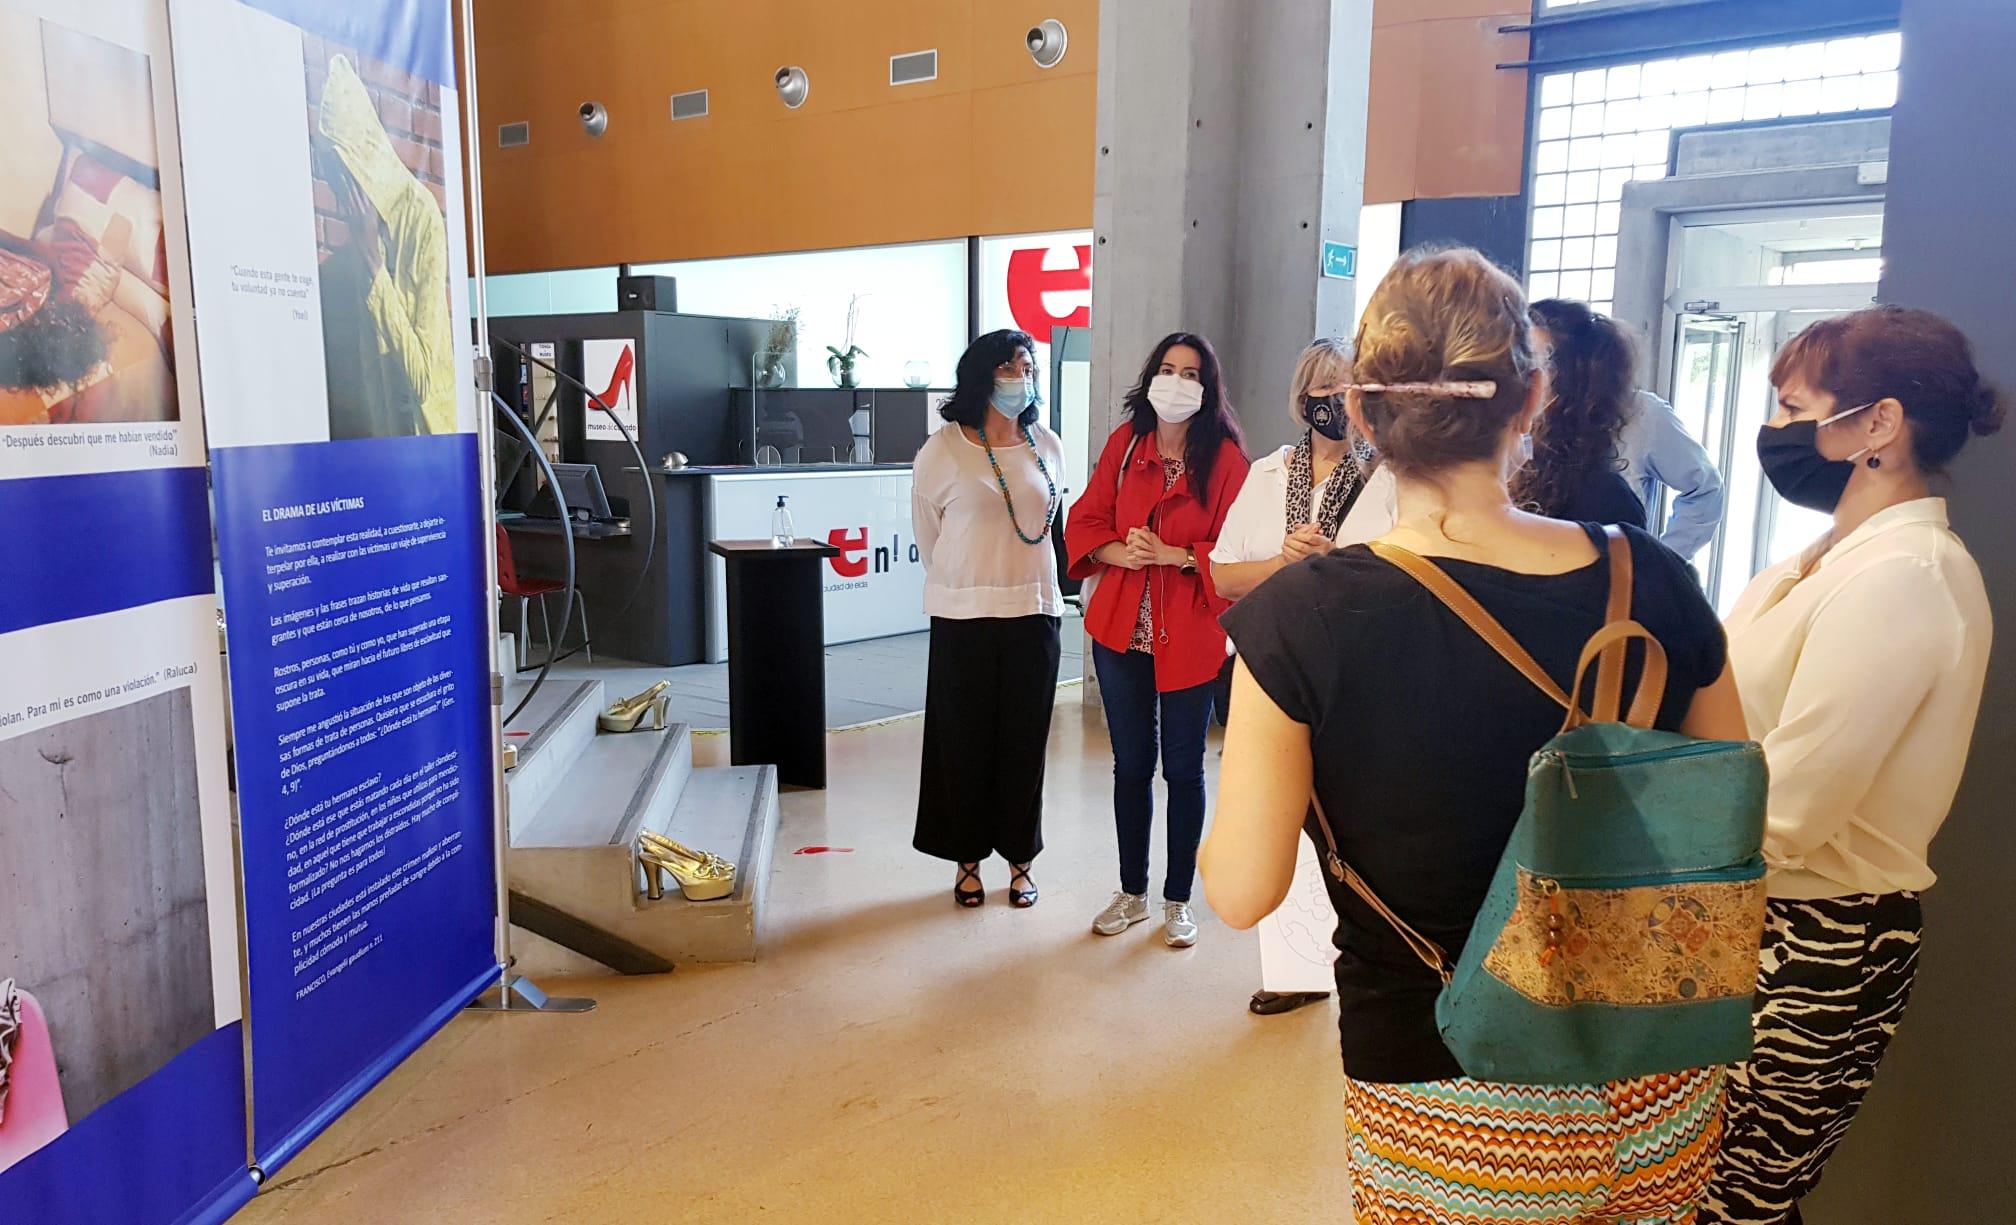 El Museo del Calzado acoge una exposición fotográfica sobre el drama de la trata de mujeres